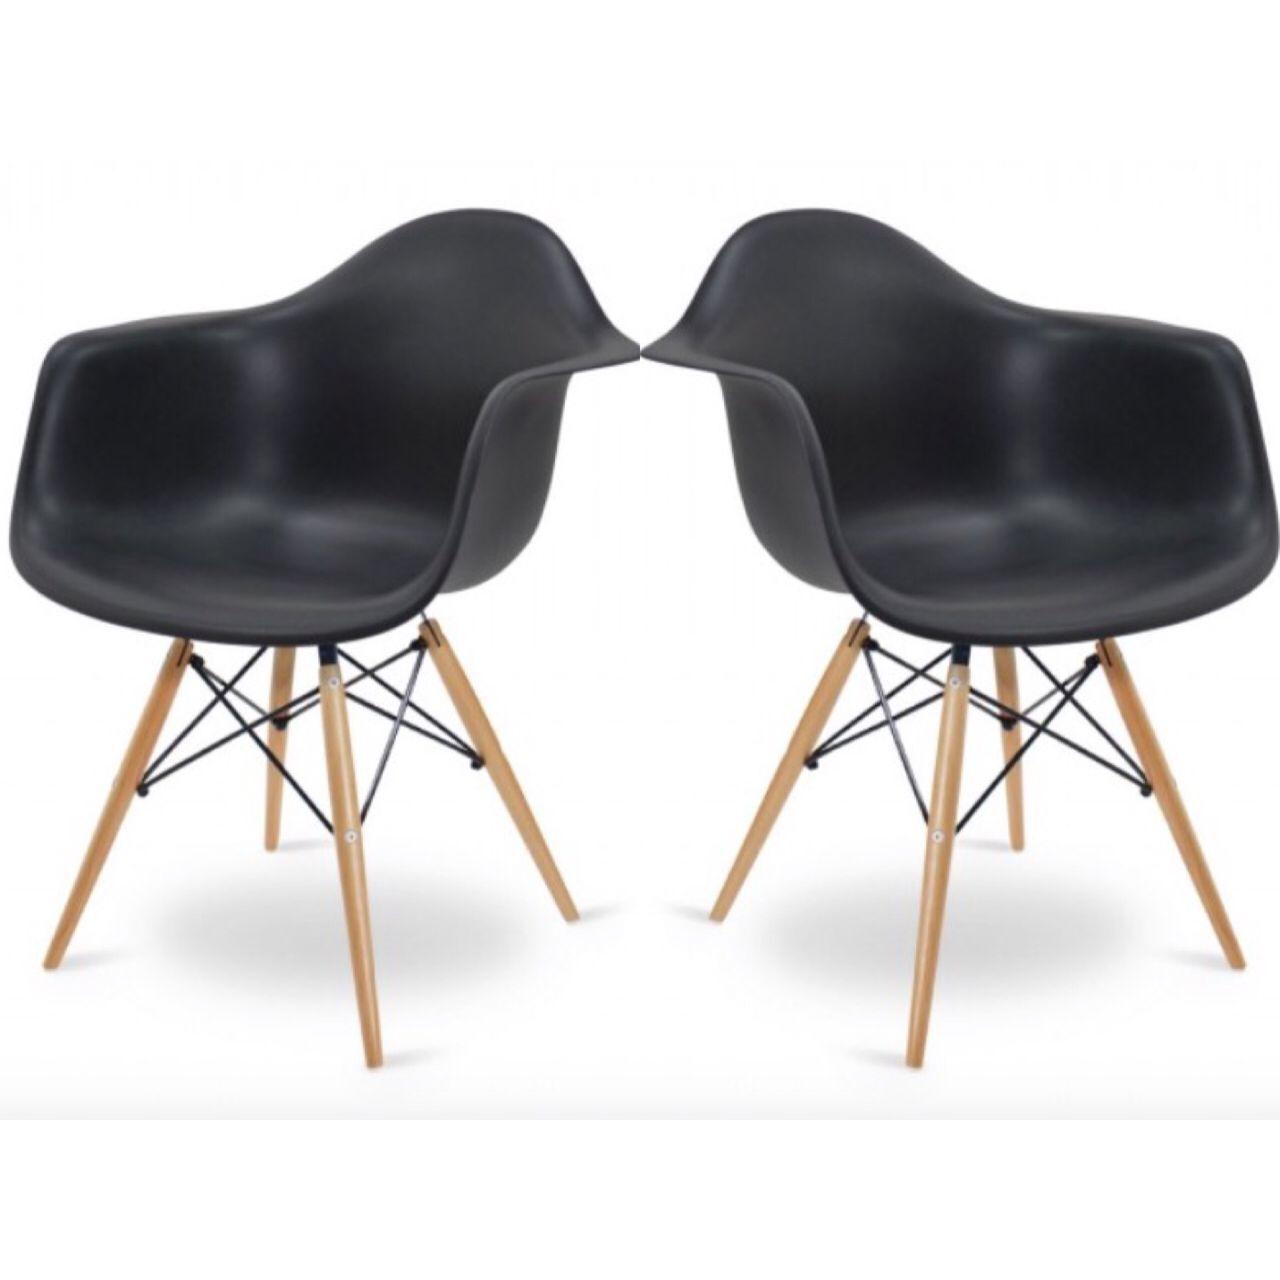 2er Stuhle Esstischstuhl Stuhl Esszimmerstuhl Burostuhl Kuchenstuhl